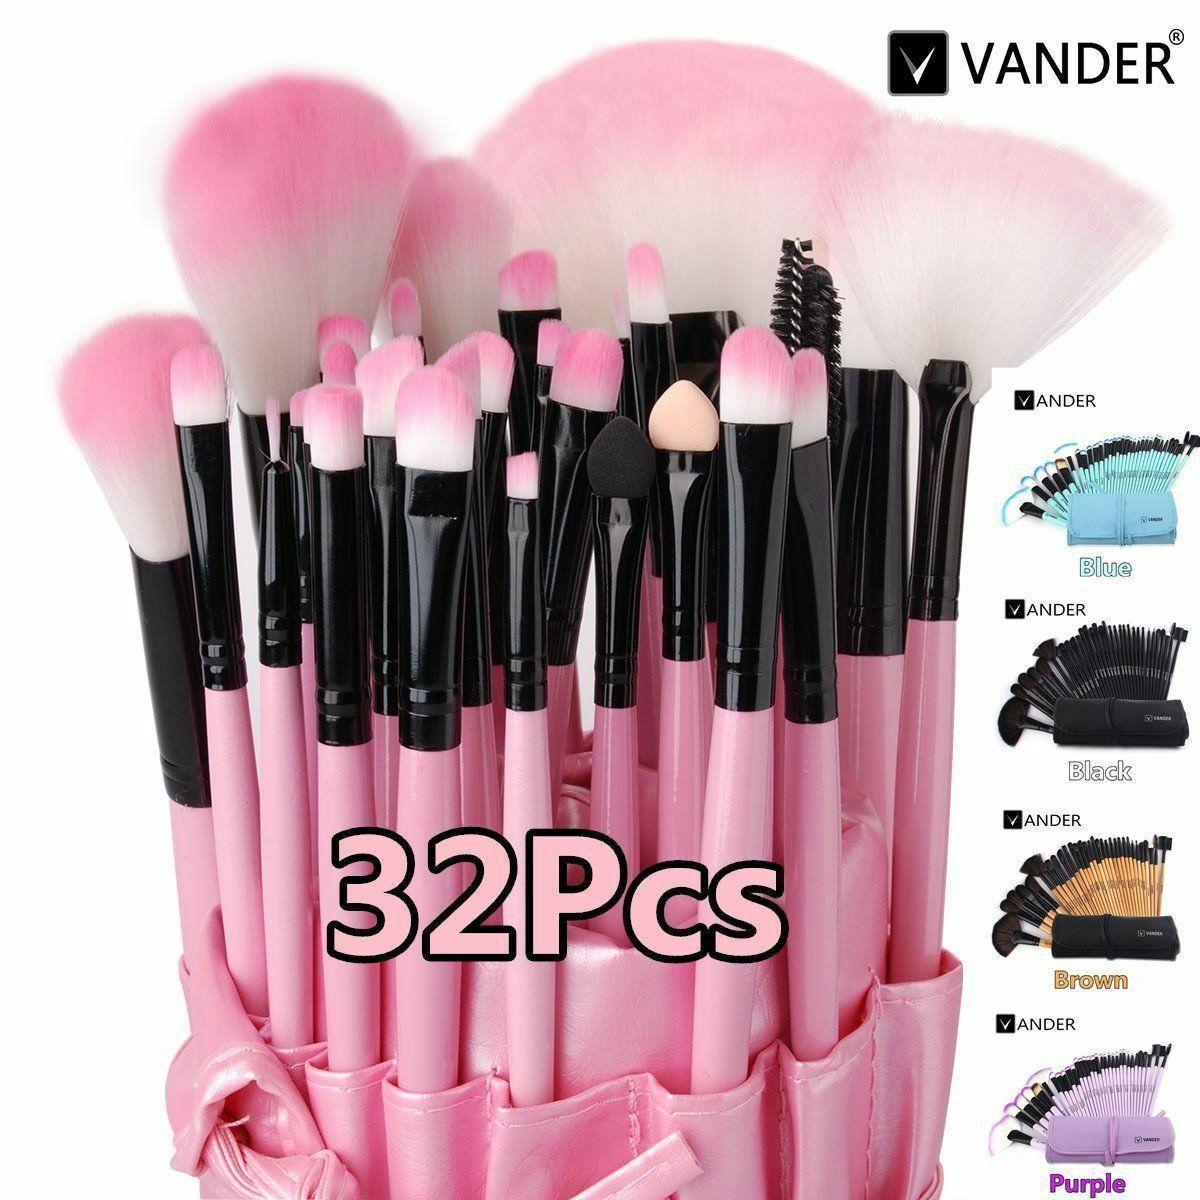 32 adet Kozmetik Makyaj Fırçalar Set Pudra Fondöten Göz Farı Eyeliner Dudak Fırça Aracı Marka Makyaj Fırçalar Güzellik Araçları Pincel Maquiagem